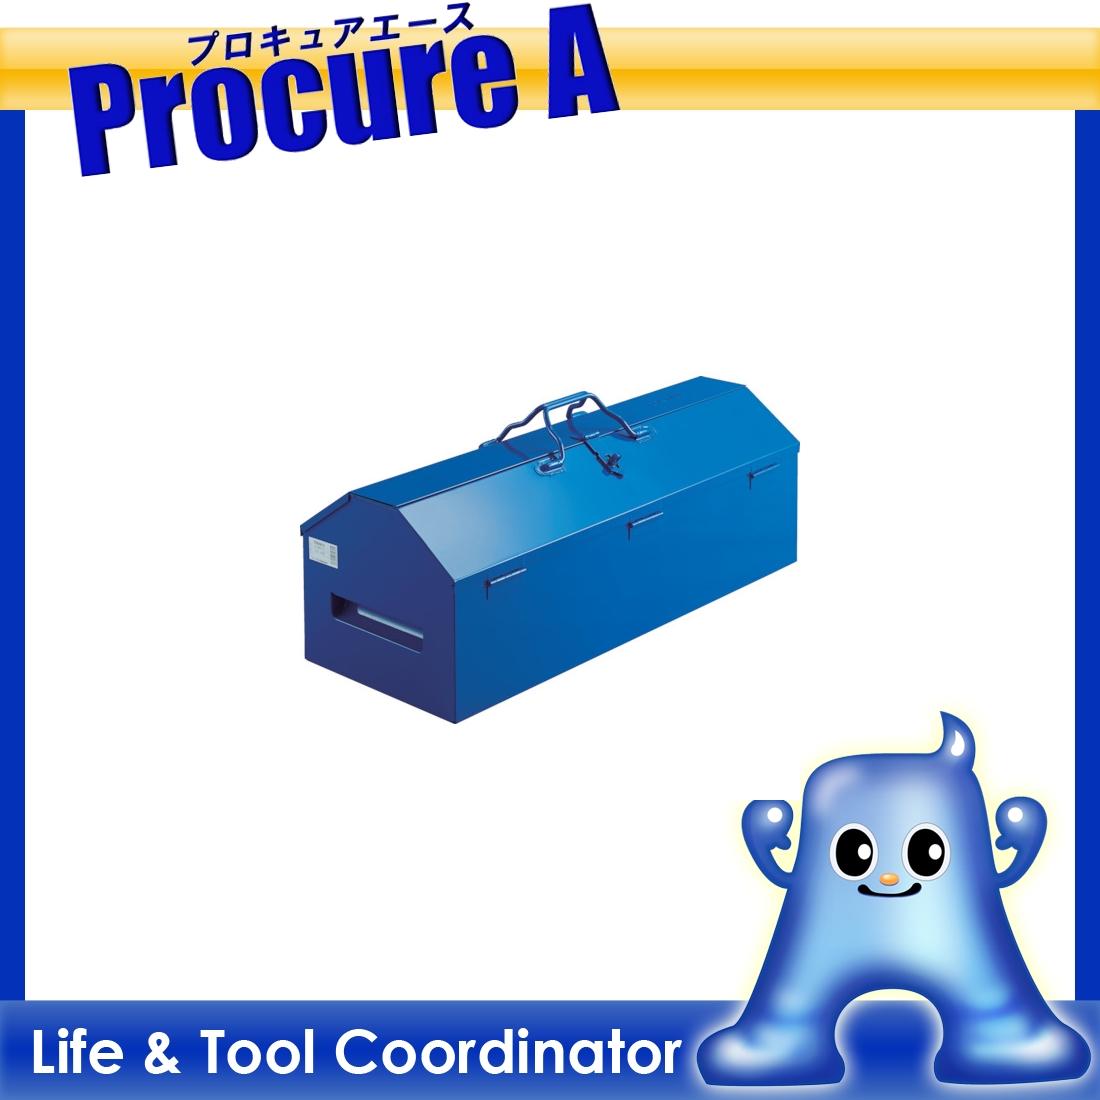 TRUSCO ジャンボ工具箱 720X280X326 ブルー LG-700-A ▼482-0355 トラスコ中山(株)